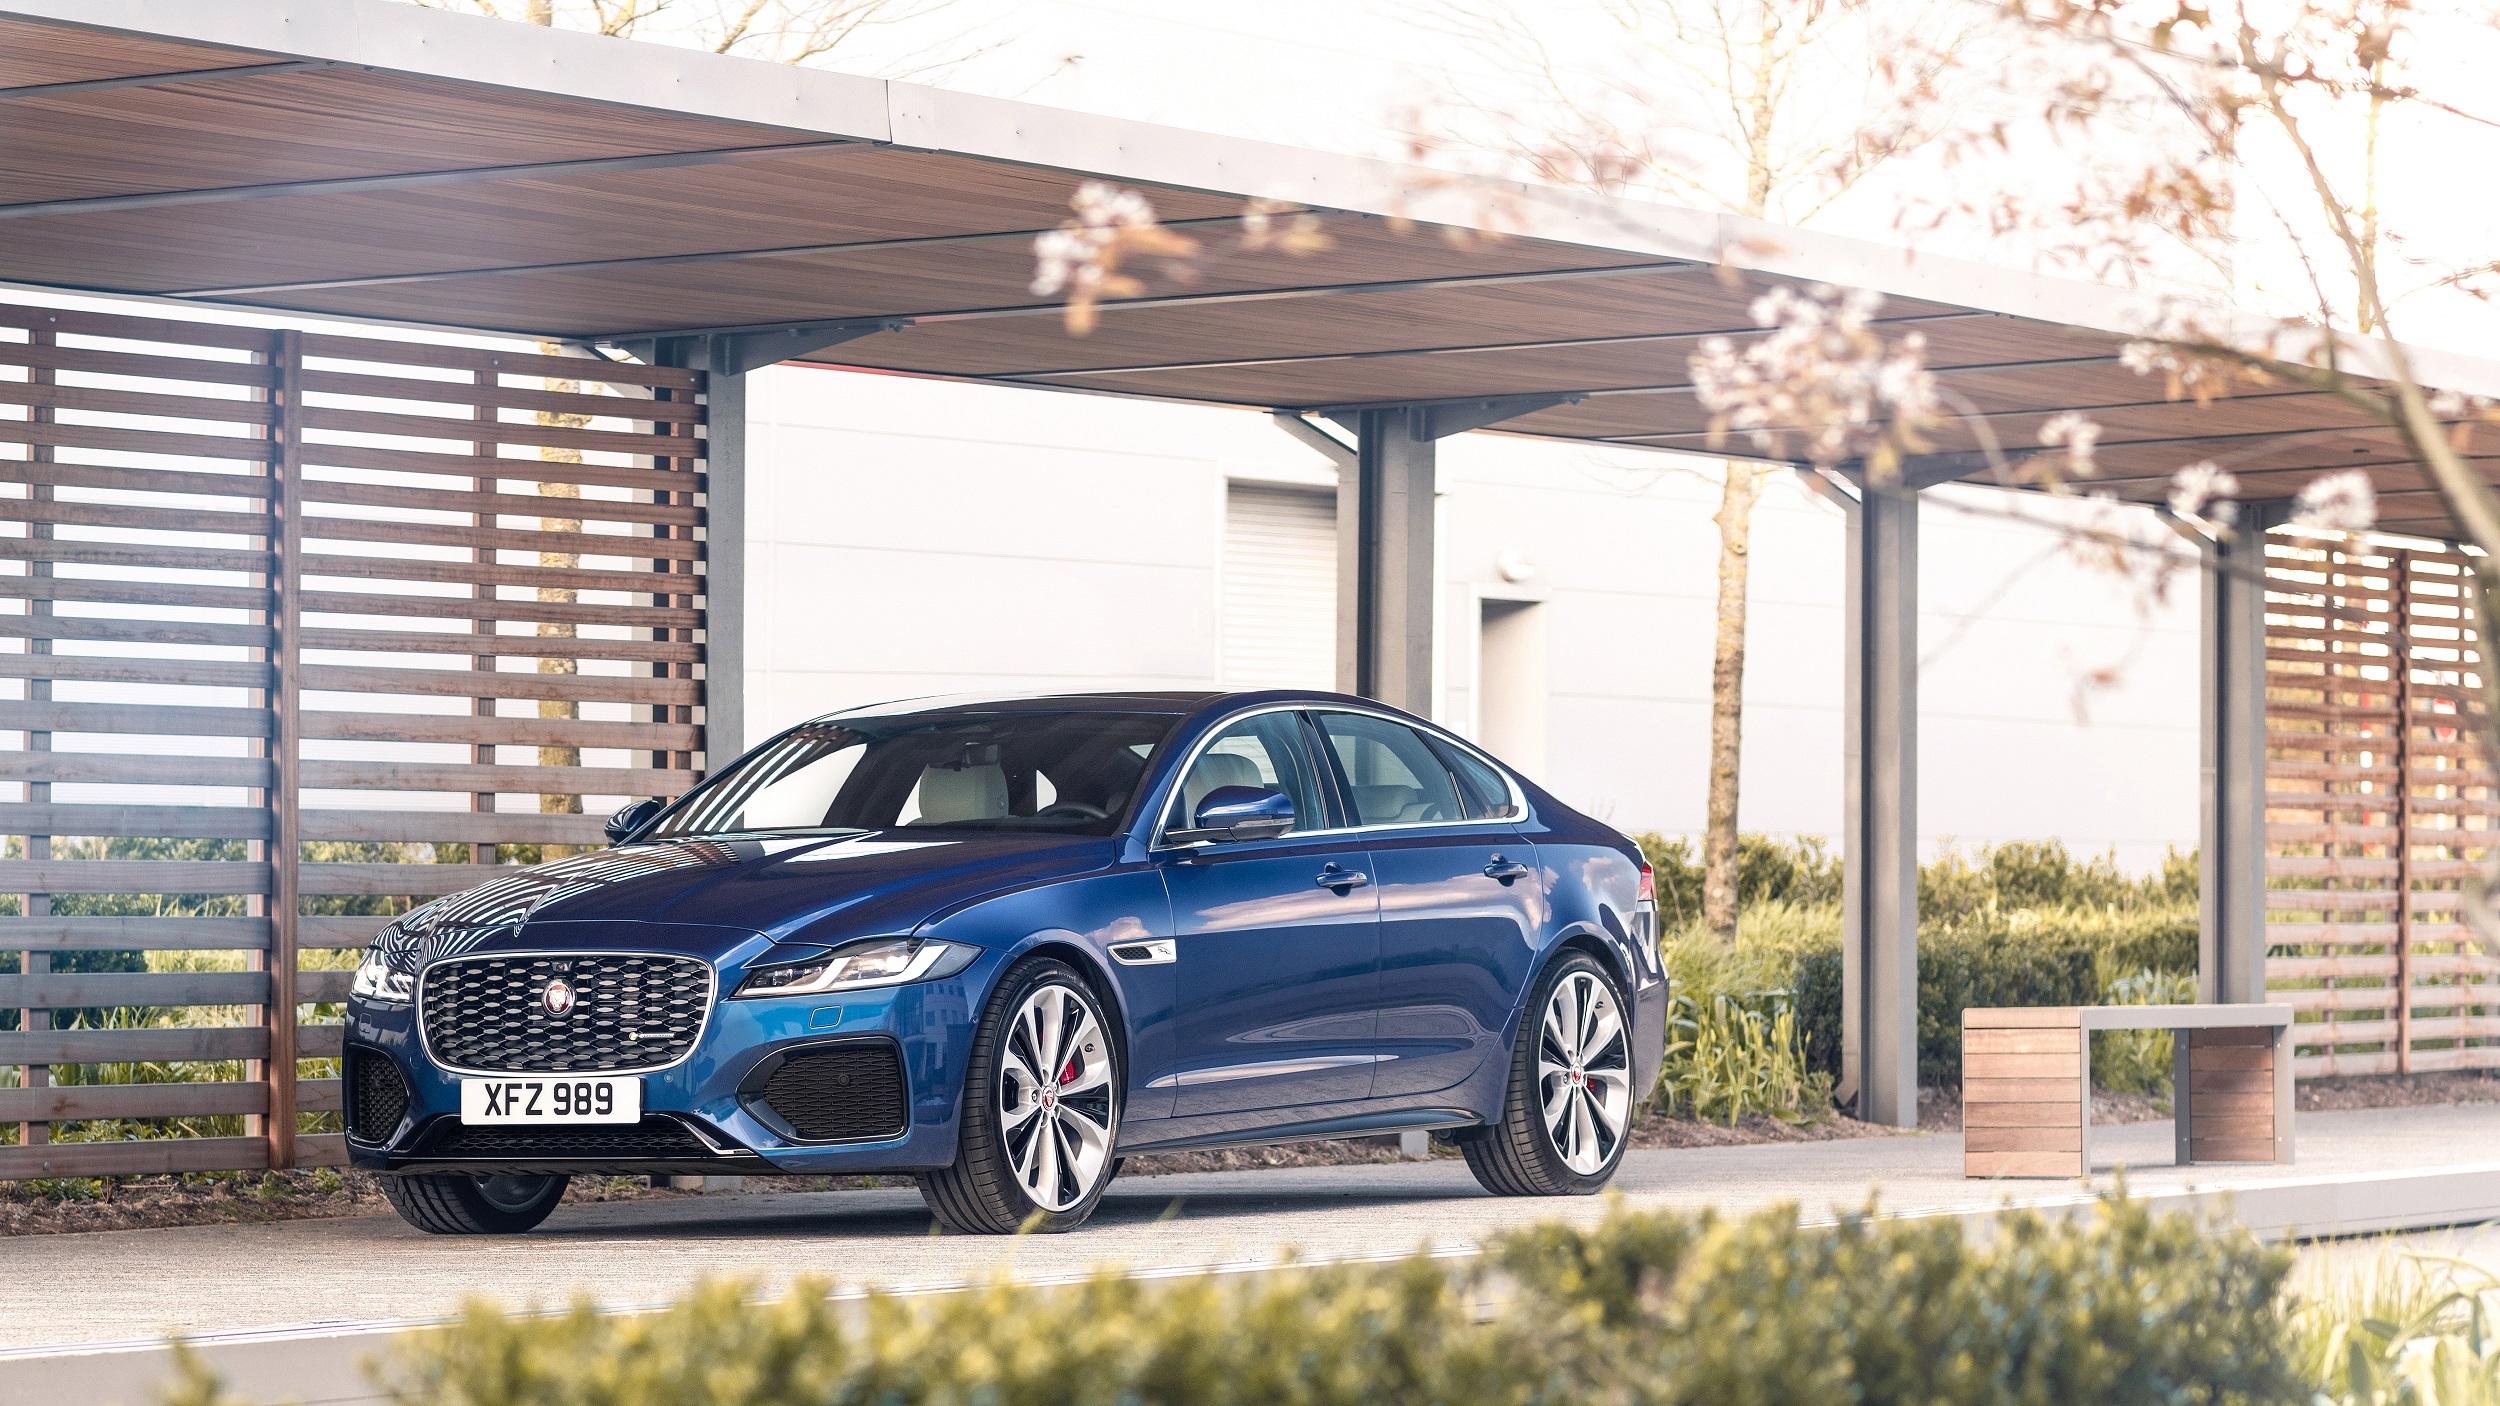 Jaguar XF in der Modellfarbe blau, Seitenansicht vor mordernem Haus